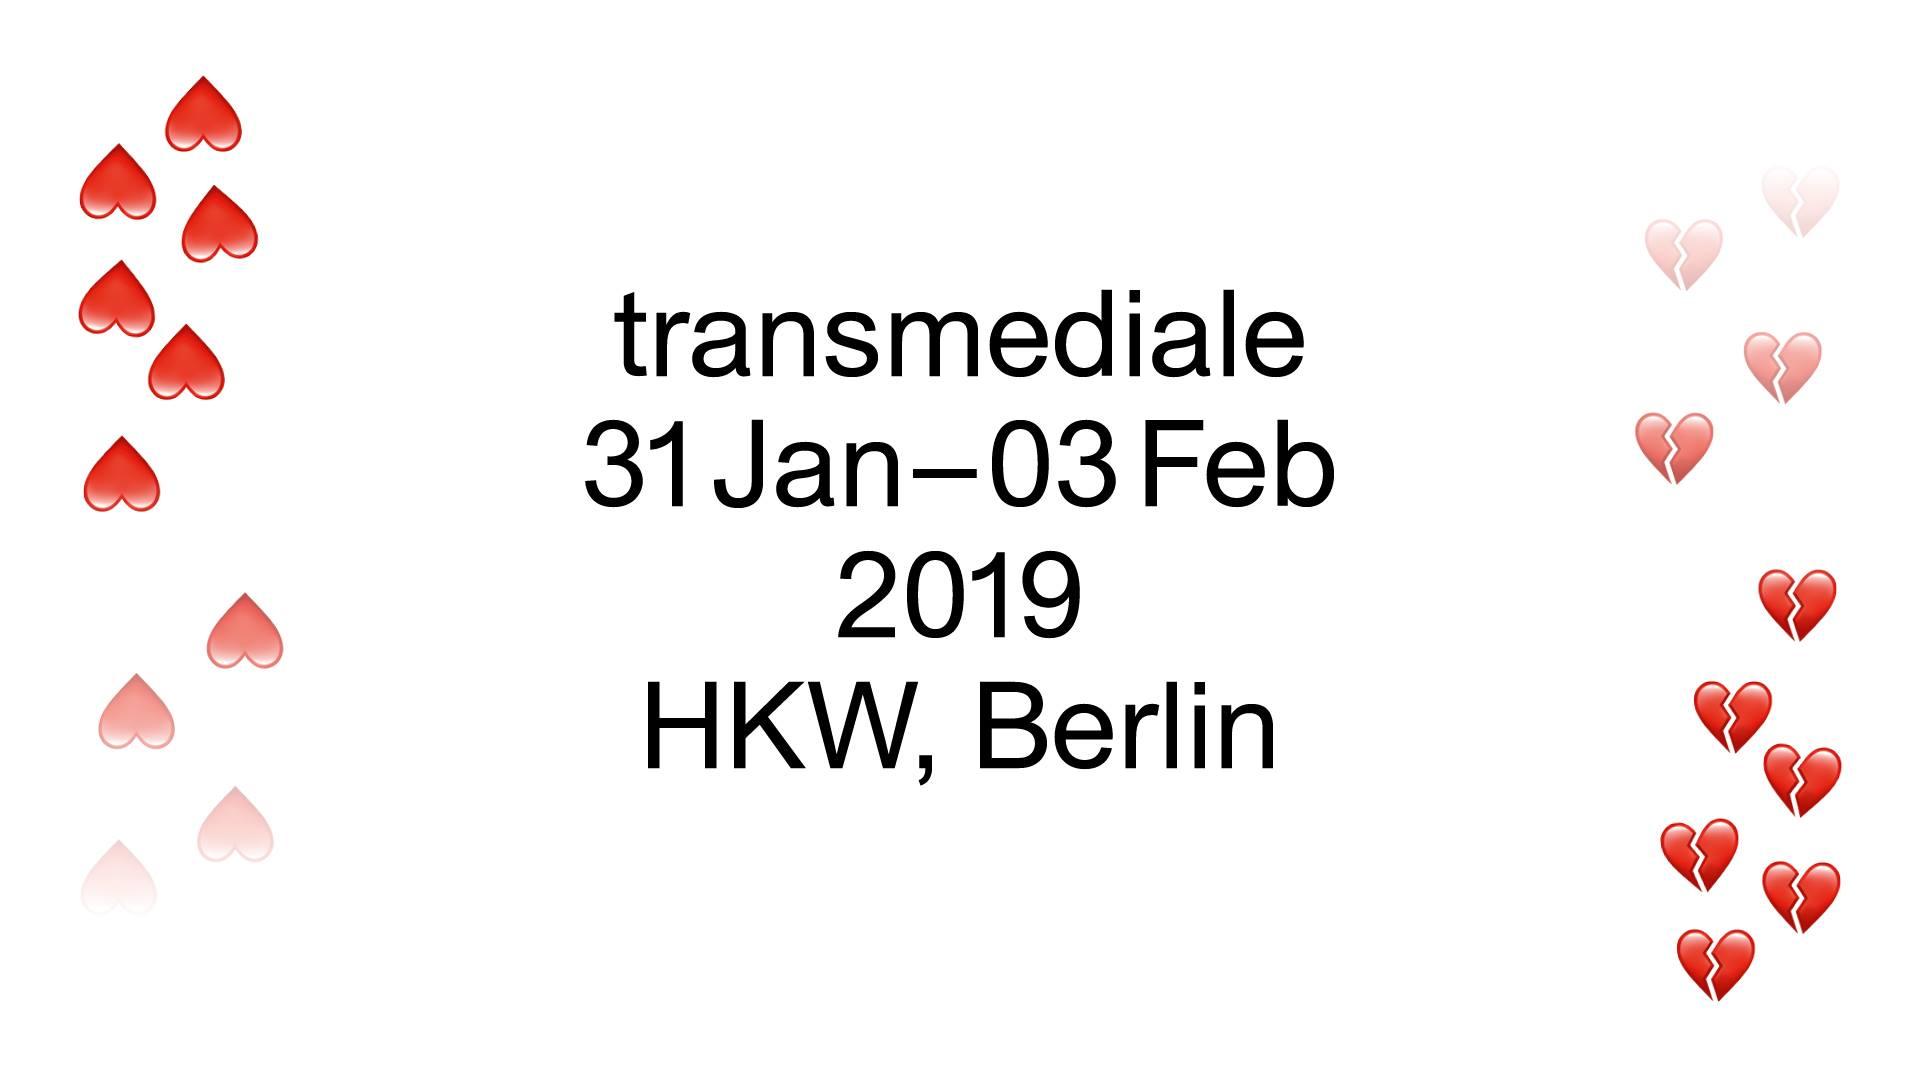 transmediale 2019